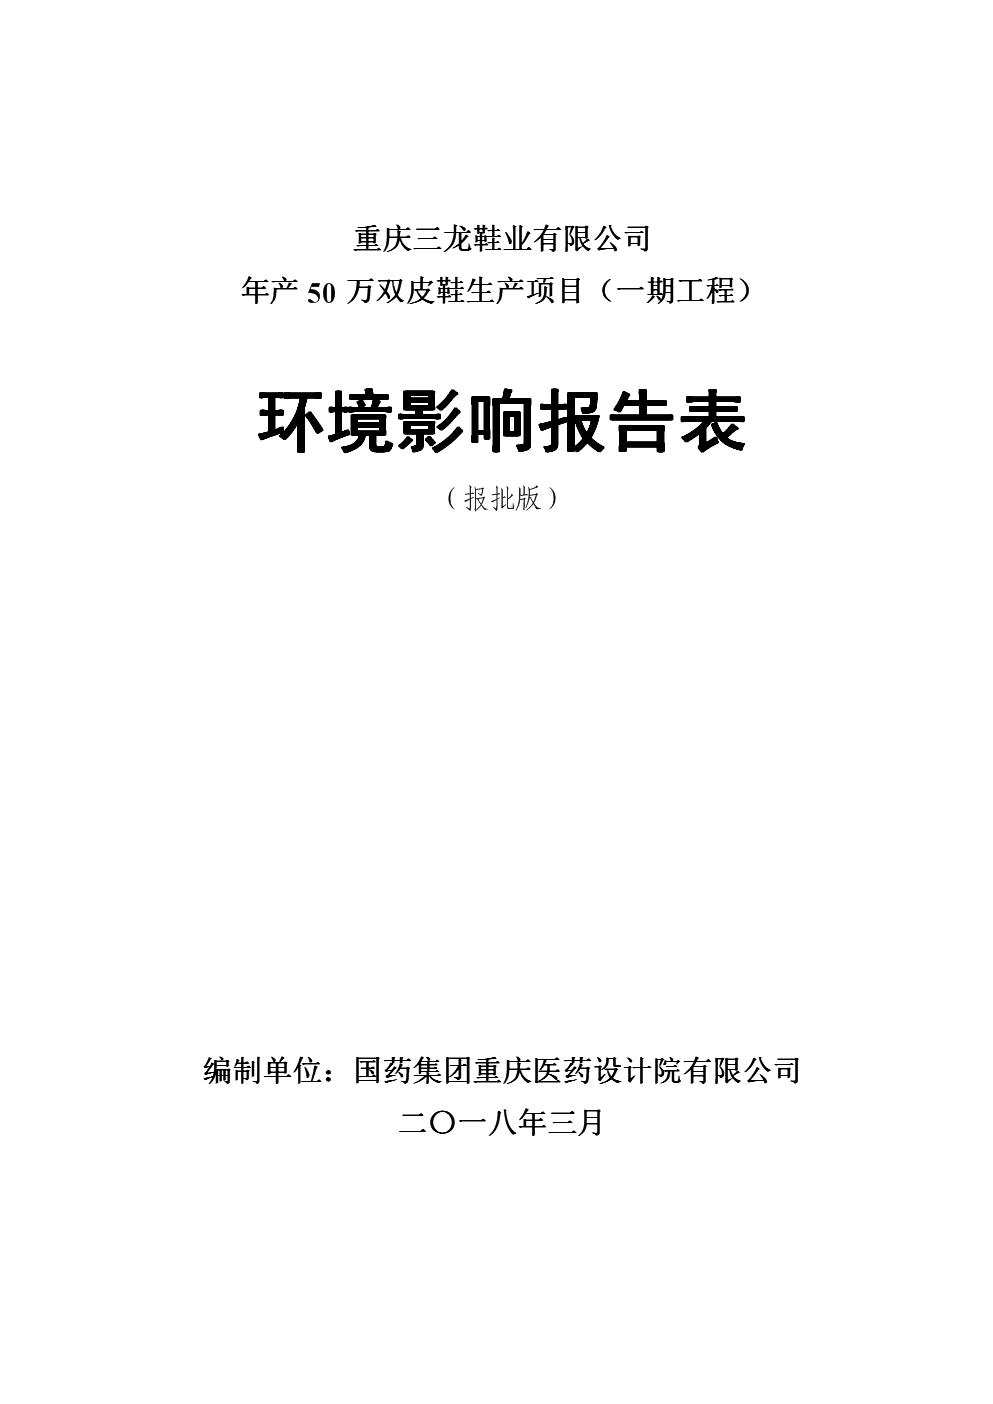 重庆三龙鞋业有限公司年产50万双皮鞋生产项目(一期工程)环境影响报告表.doc